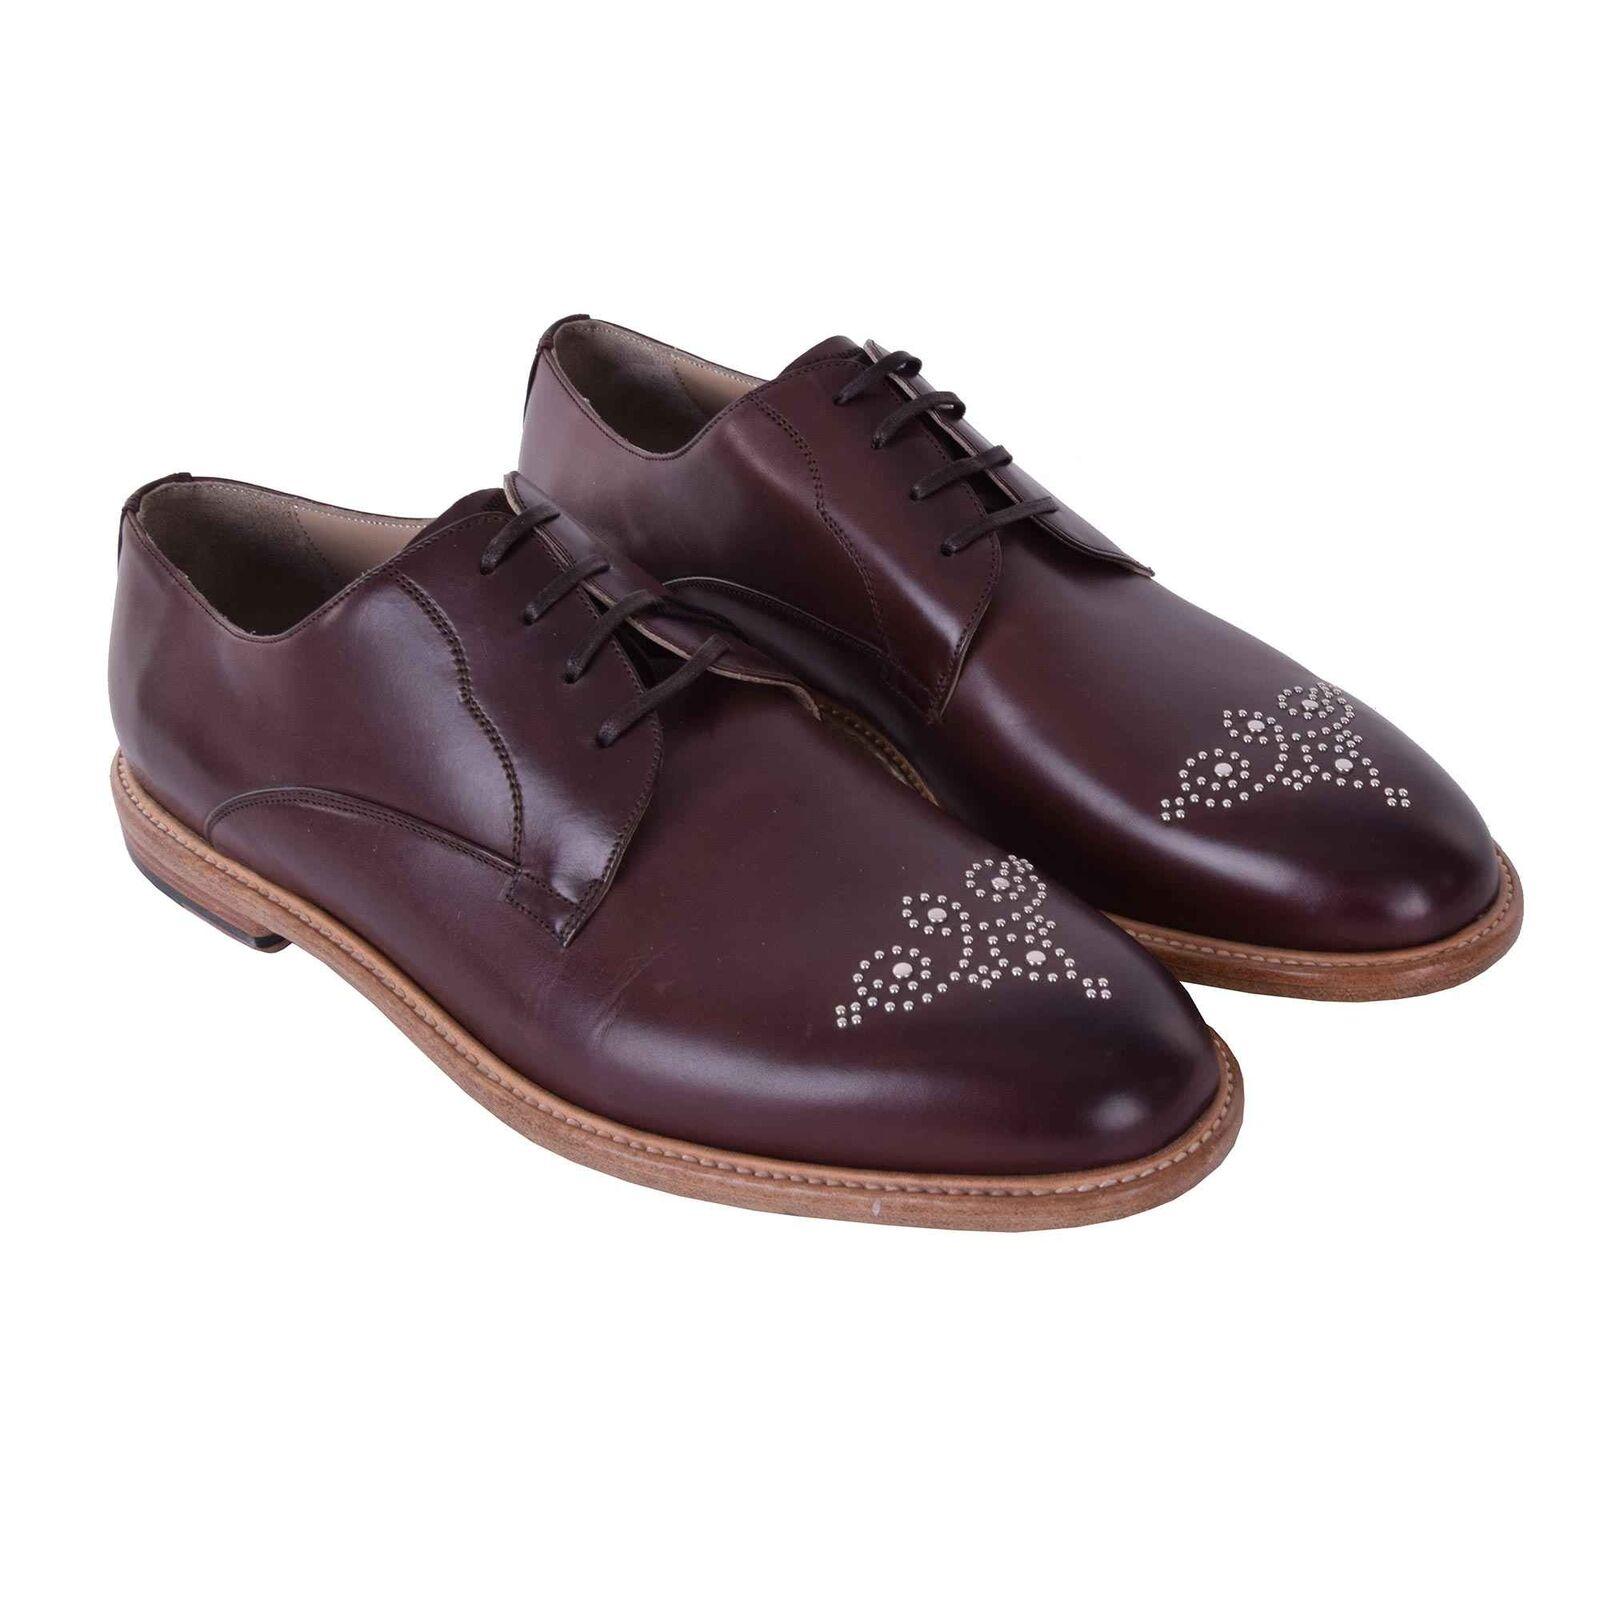 DOLCE & GABBANA Derby Schuhe MARSALA mit Nieten Braun Silber Shoes Brown 05898